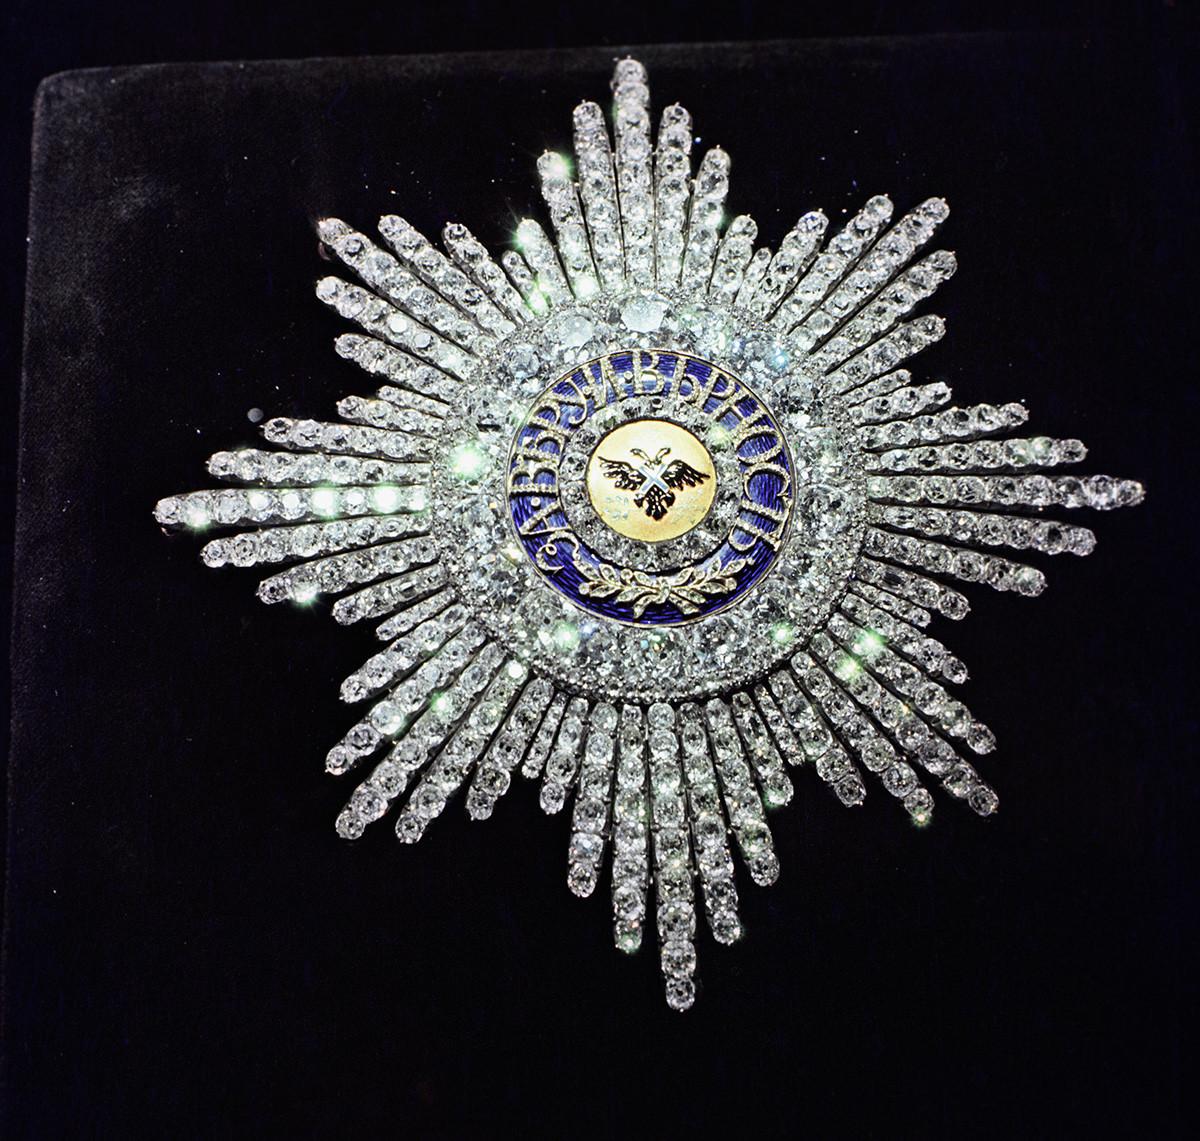 聖アンドレイ勲章の星